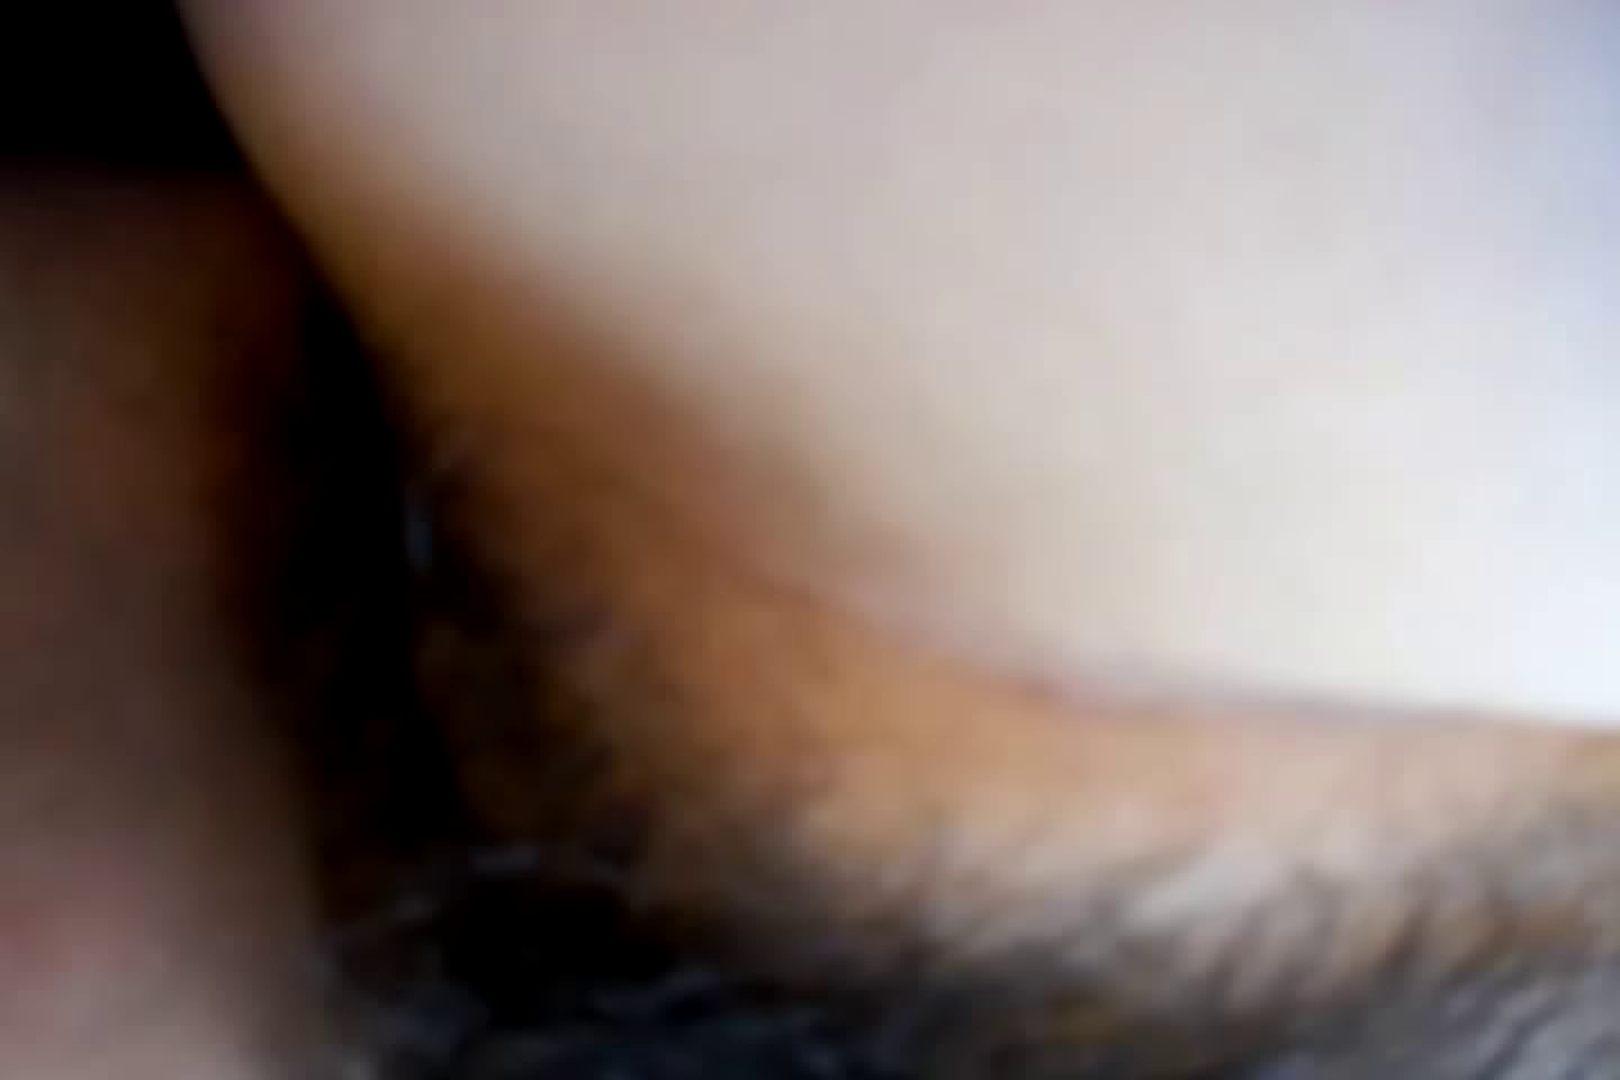 ウイルス流出 レオ&マンコのアルバム プライベート | クンニ  101連発 16